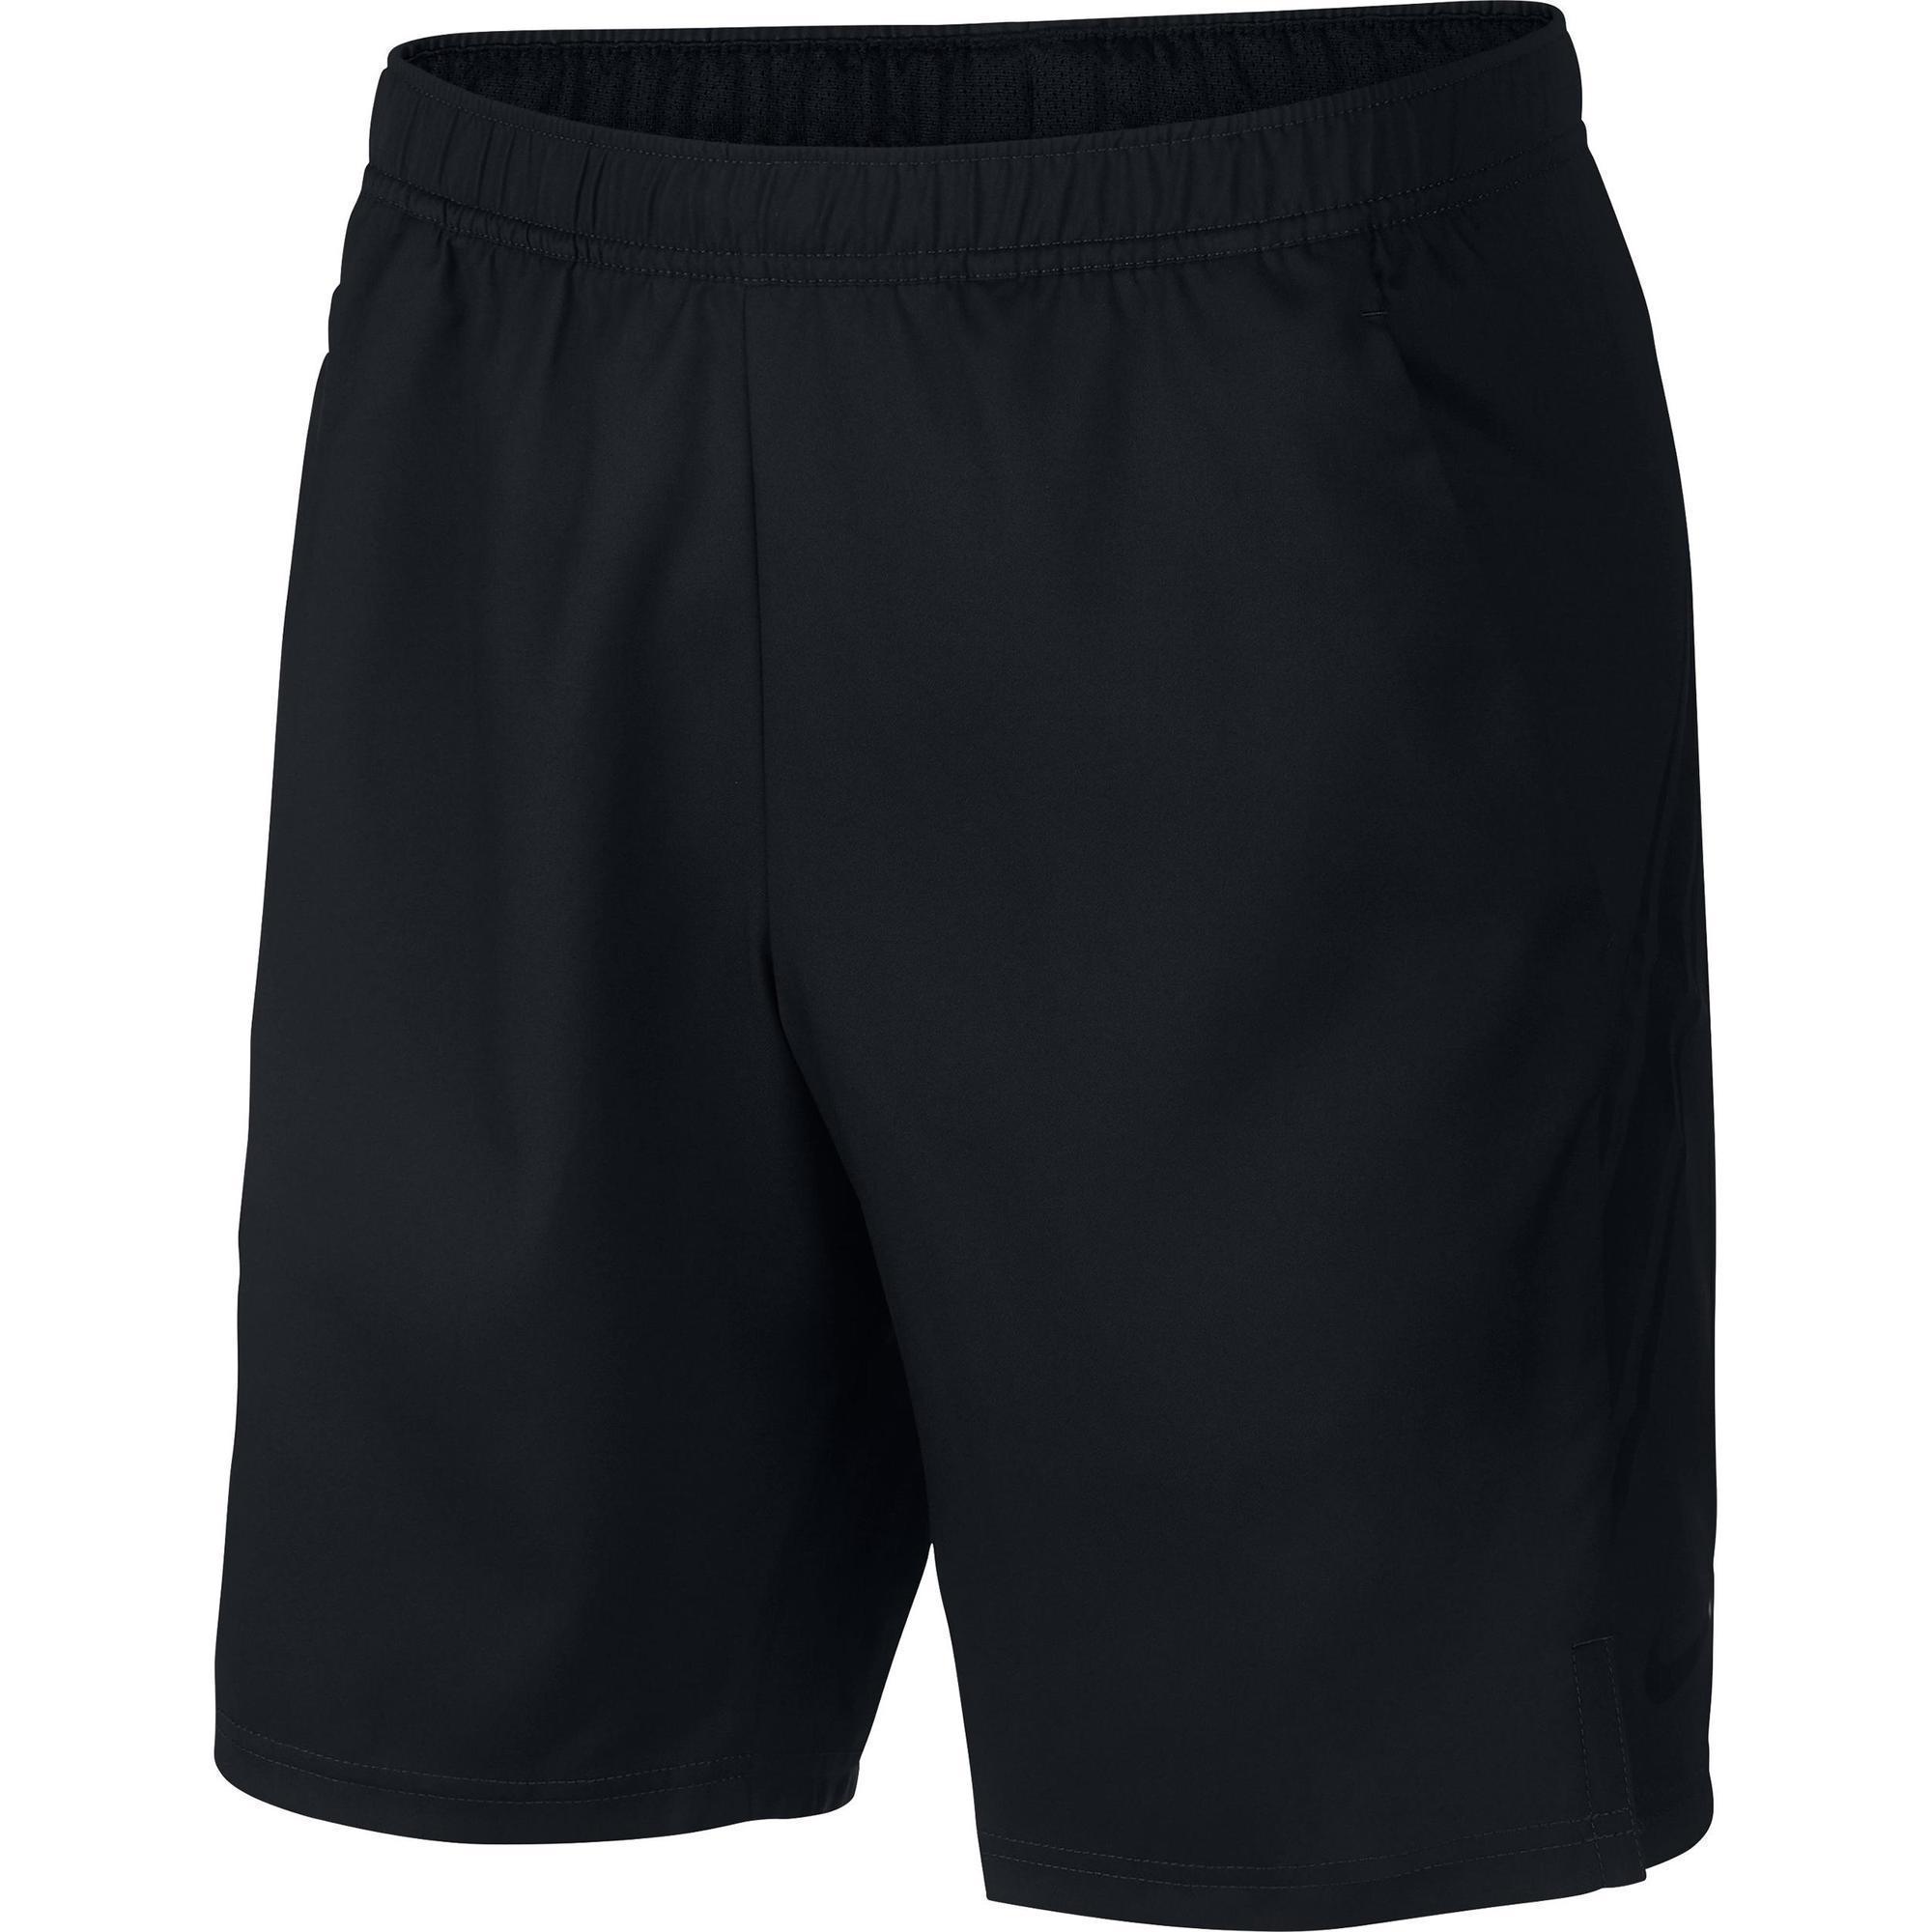 Nike Tennisshort voor heren Dry Fit zwart